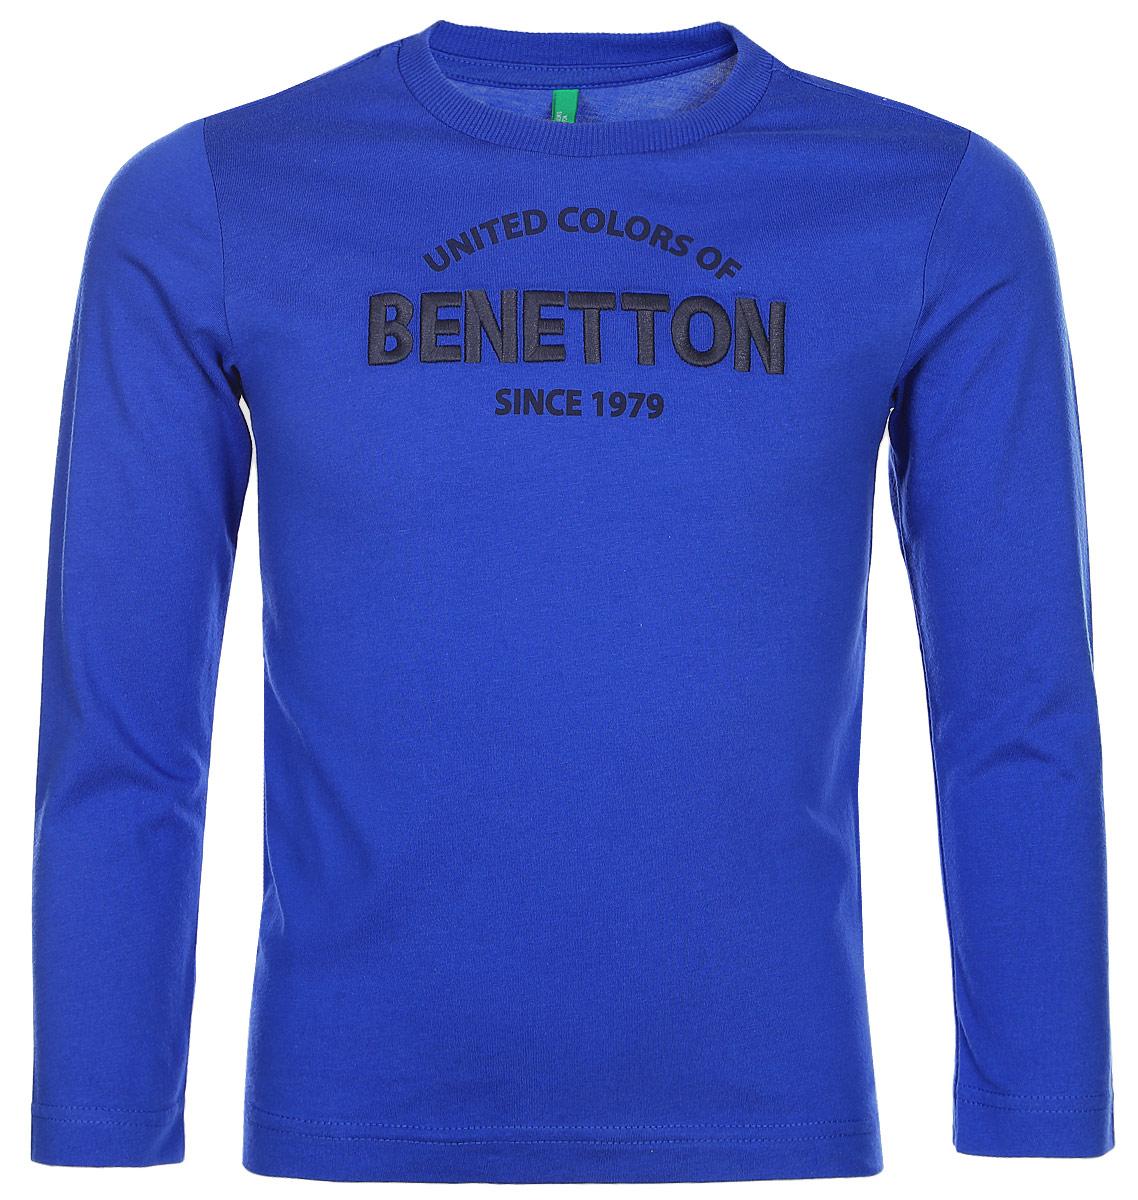 Лонгслив для мальчика United Colors of Benetton, цвет: синий. 3096C13GW_33M. Размер 1303096C13GW_33MЛонгслив для мальчика United Colors of Benetton выполнен из натурального хлопка. Модель с круглым вырезом горловины и длинными рукавами.